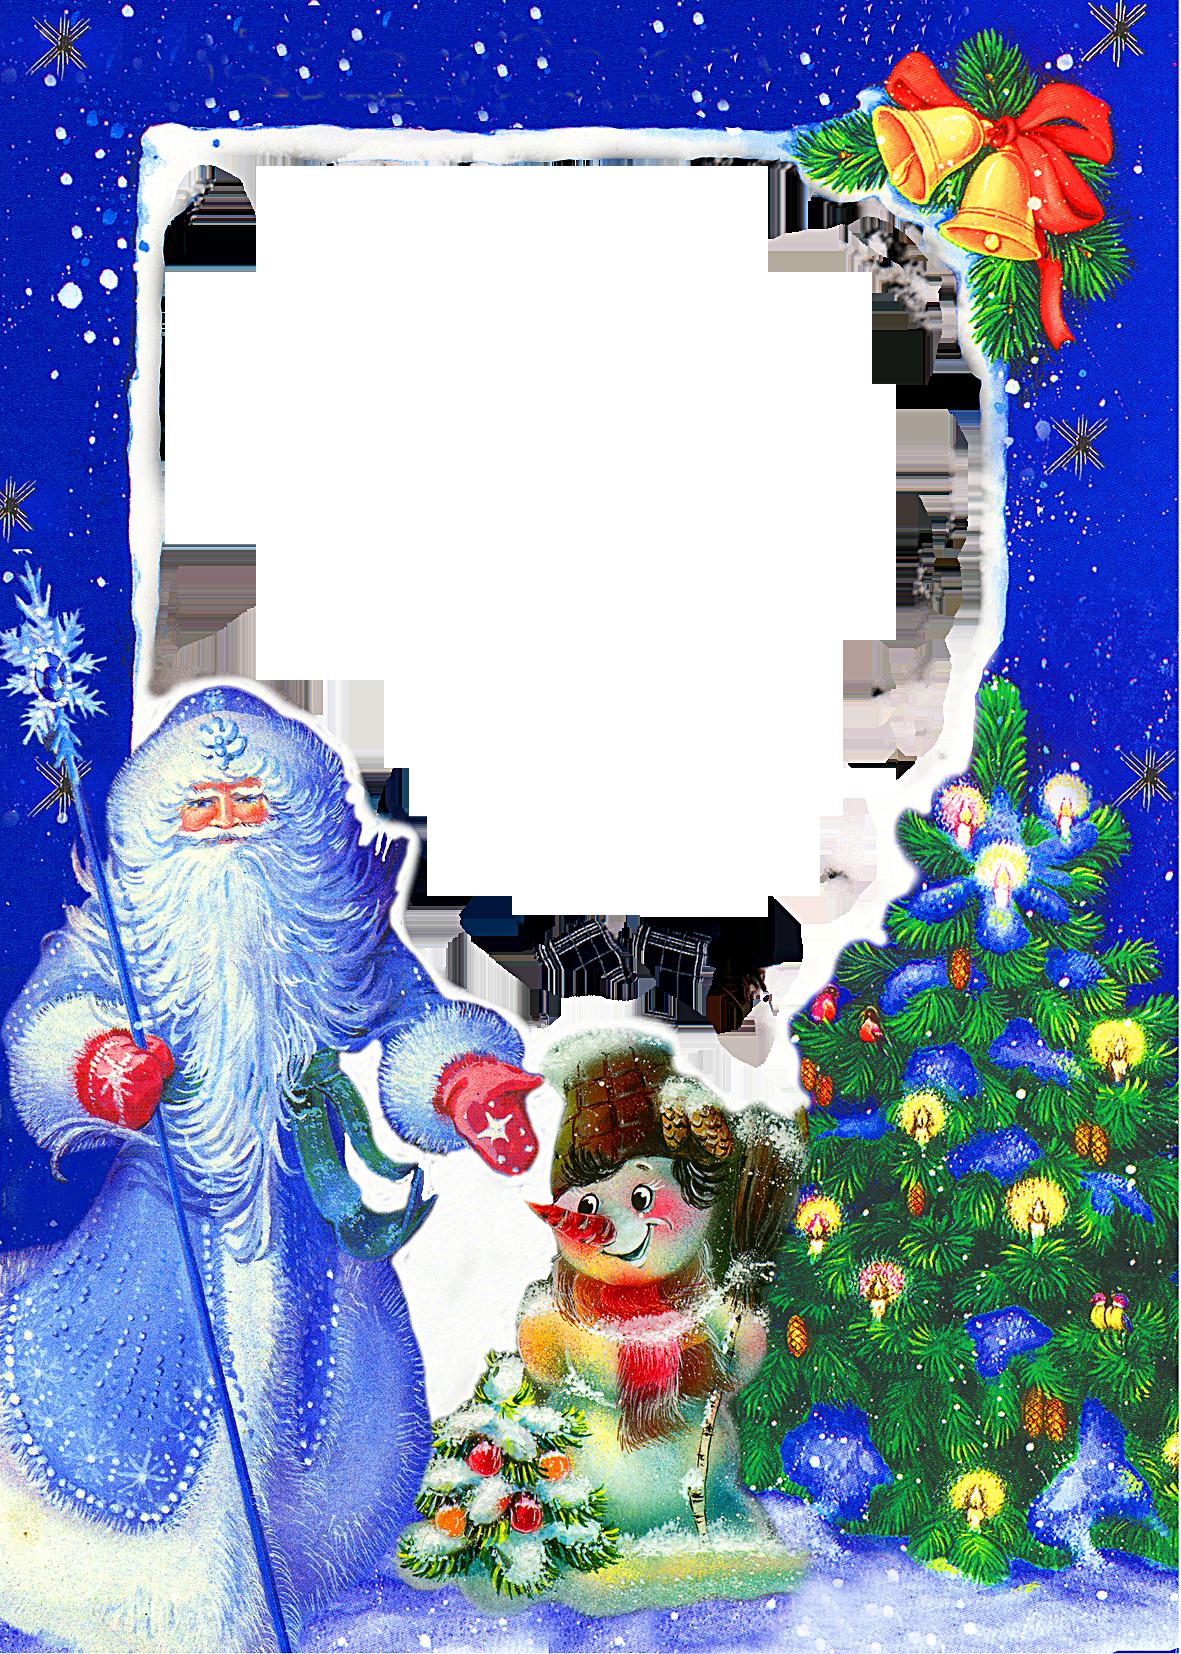 Картинки новогодние стишки про деда мороза